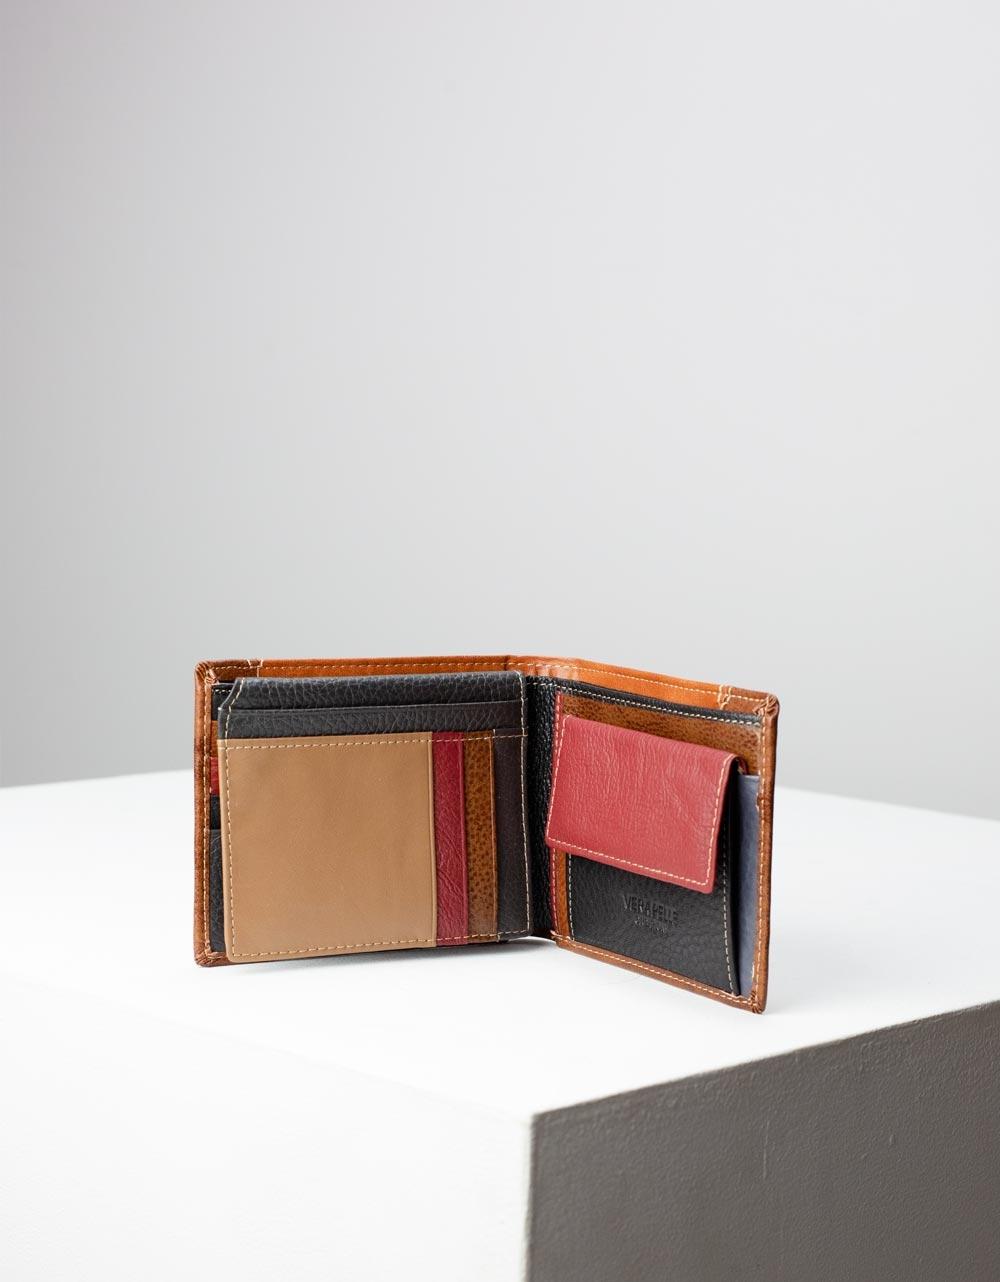 Εικόνα από Ανδρικά δερμάτινα πορτοφόλια σε συνδυασμό χρωμάτων Ταμπά